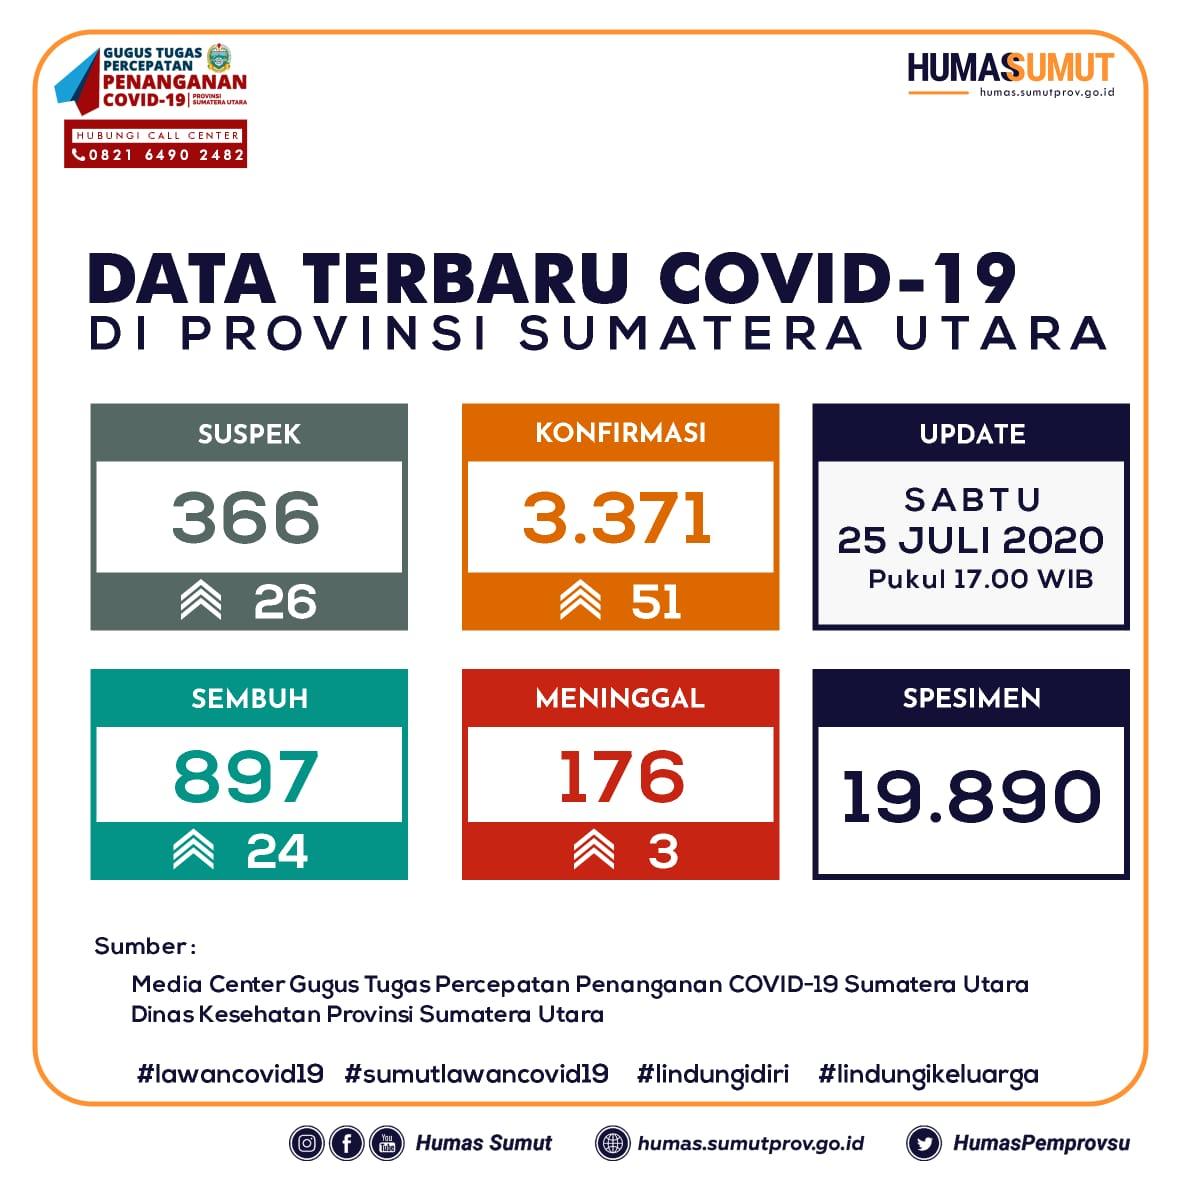 Update Data Covid-19 di Sumatera Utara 25 Juli 2020